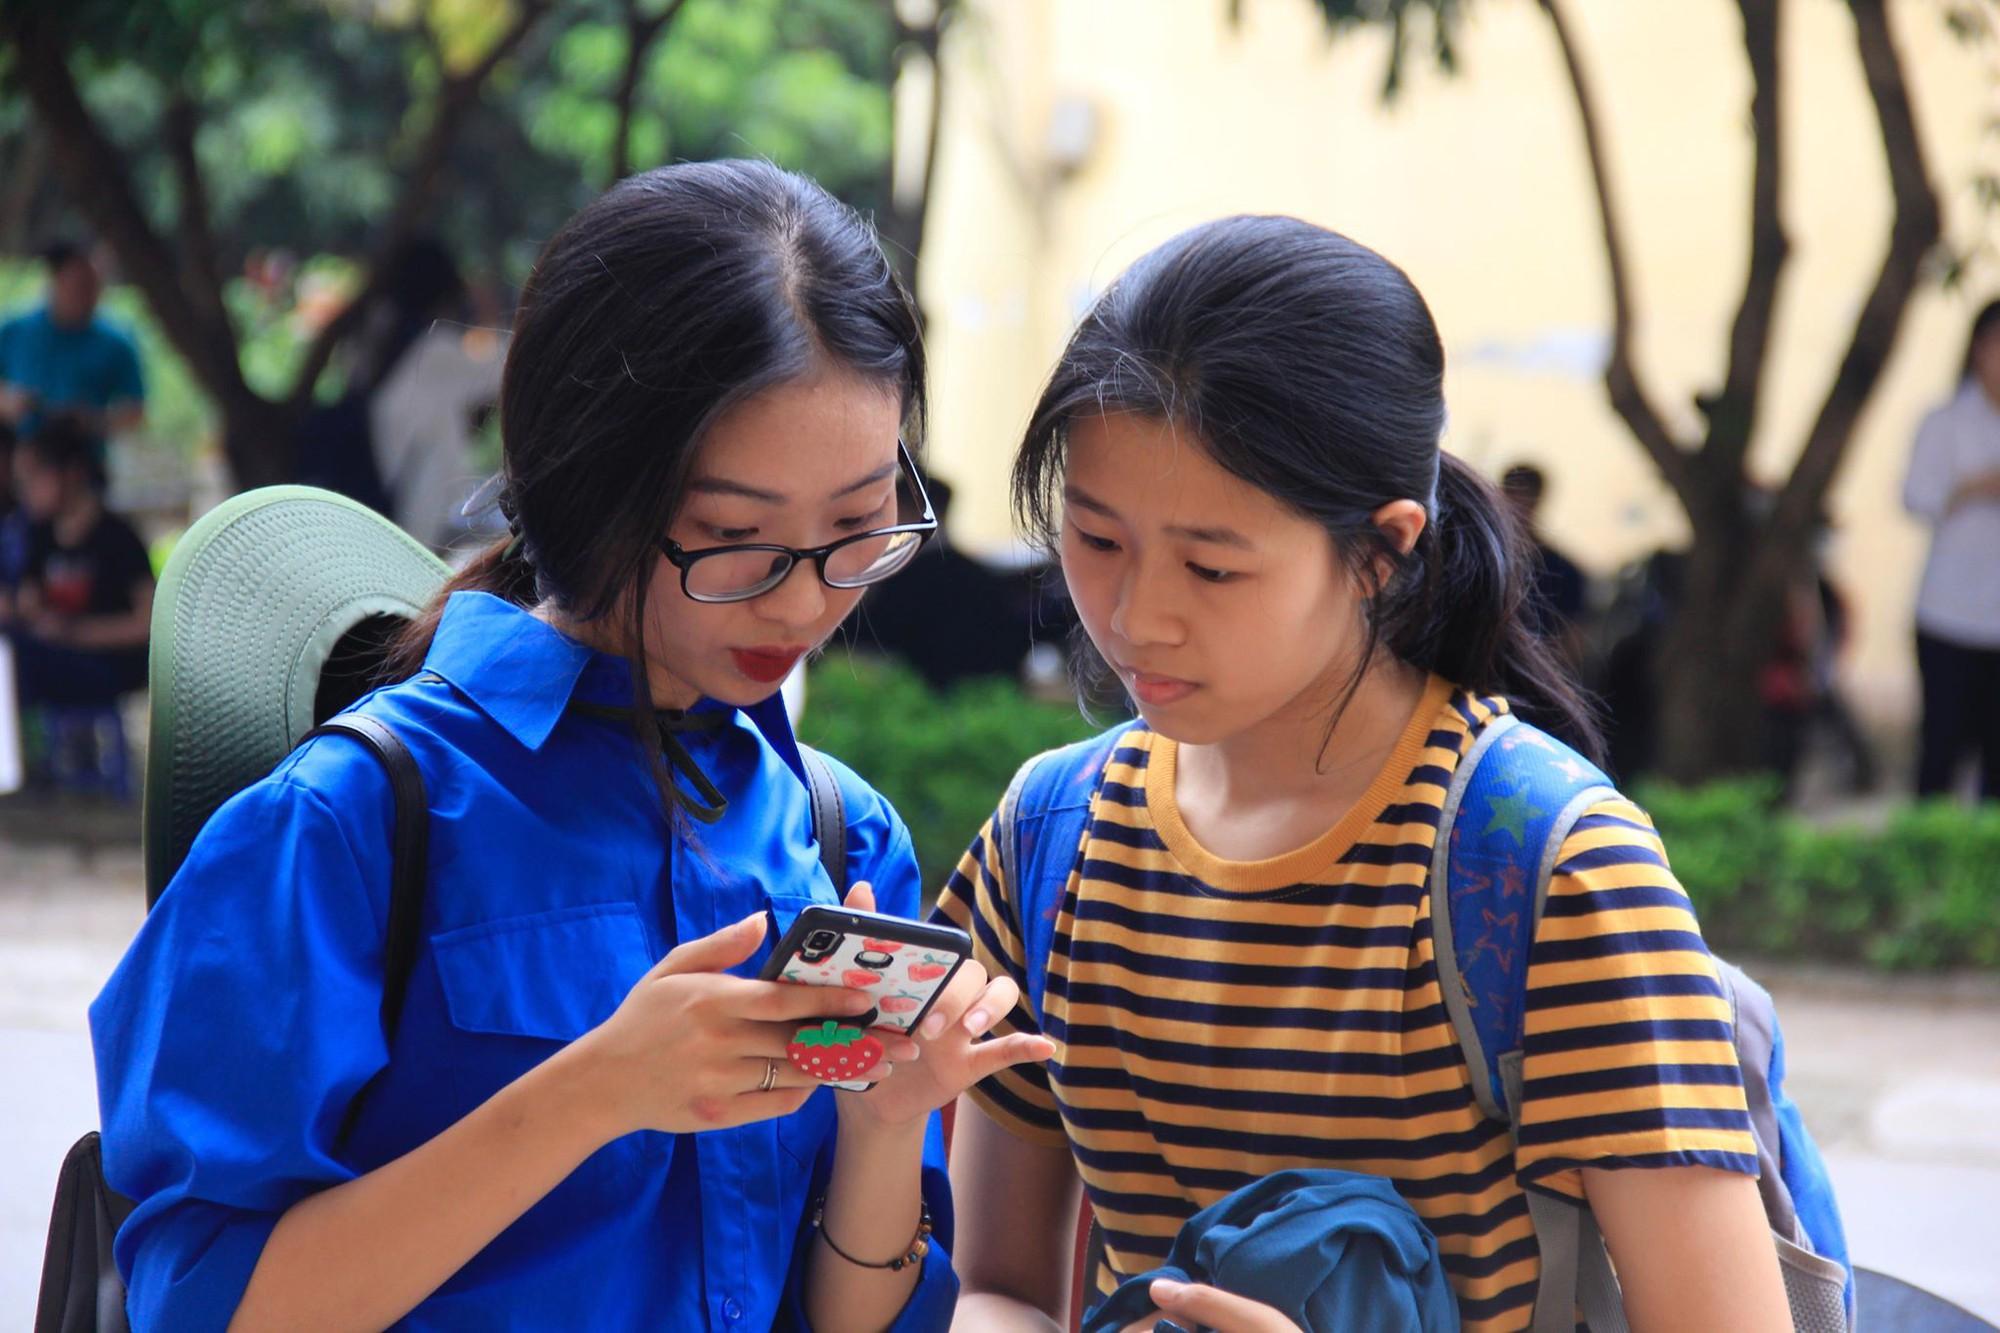 Đề Toán điều kiện thi vào lớp 10 THPT chuyên Sư phạm Hà Nội năm 2019: Sẽ có nhiều điểm 9, 10 - Ảnh 2.